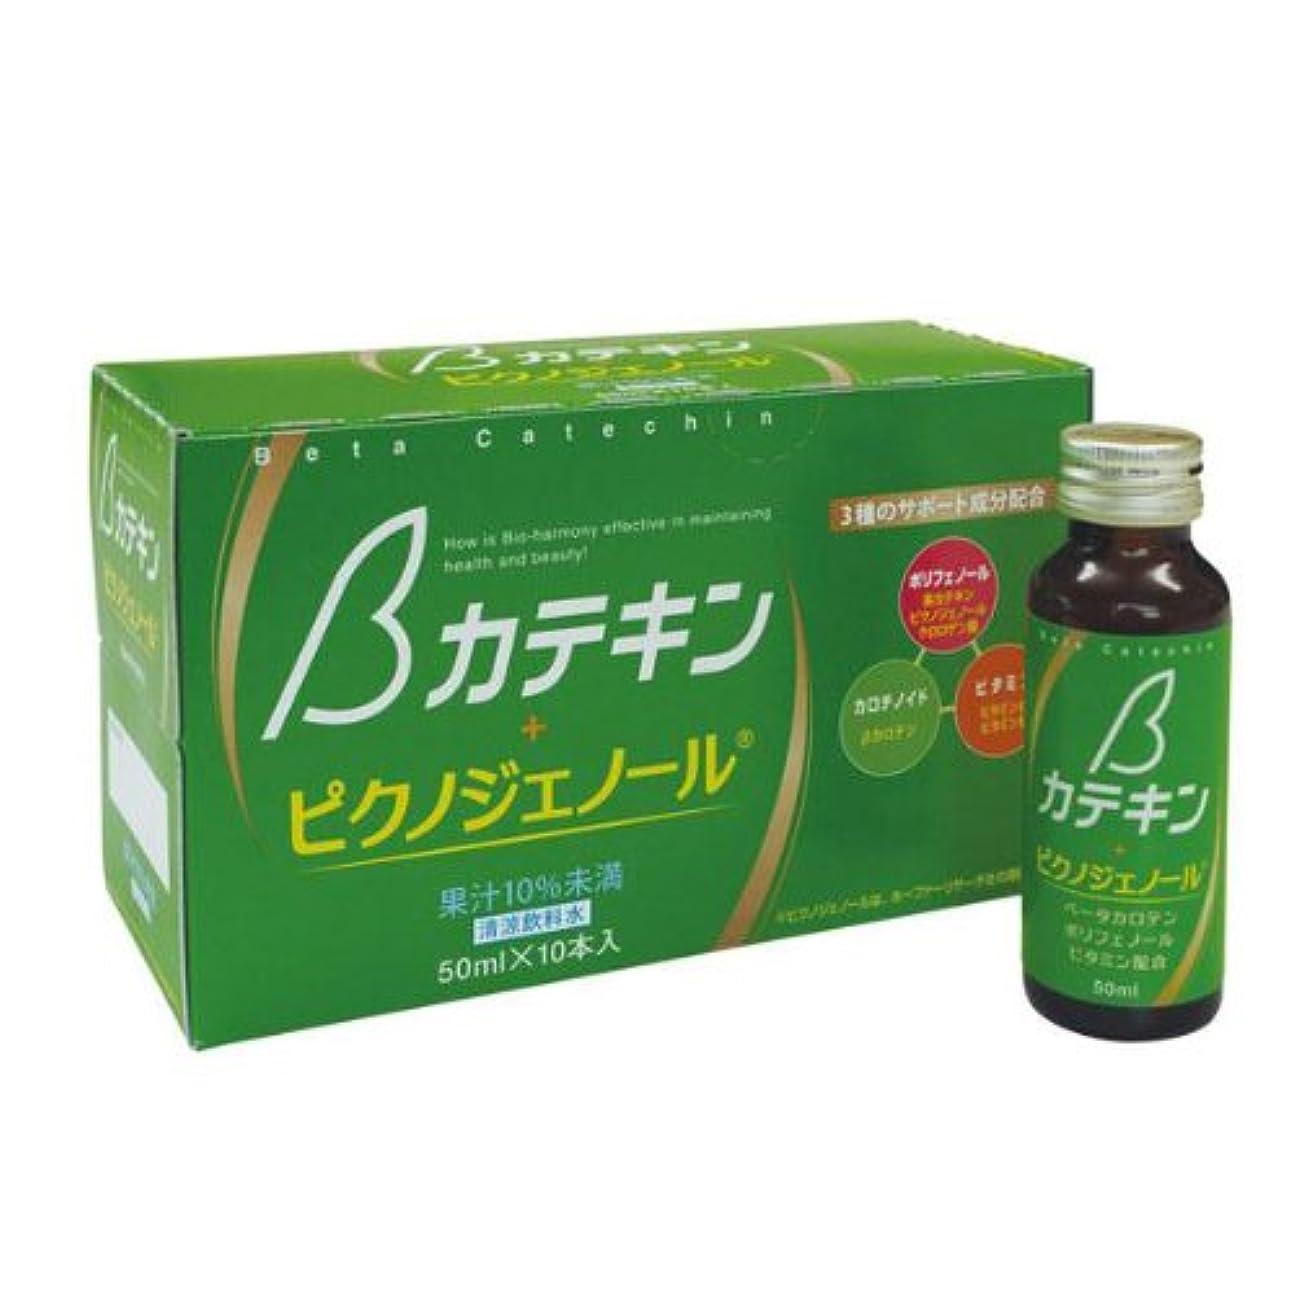 悲しいくつろぎかけがえのない自然由来のエイジングケア飲料 βカテキン+ピンクジェノール 50ml×10本